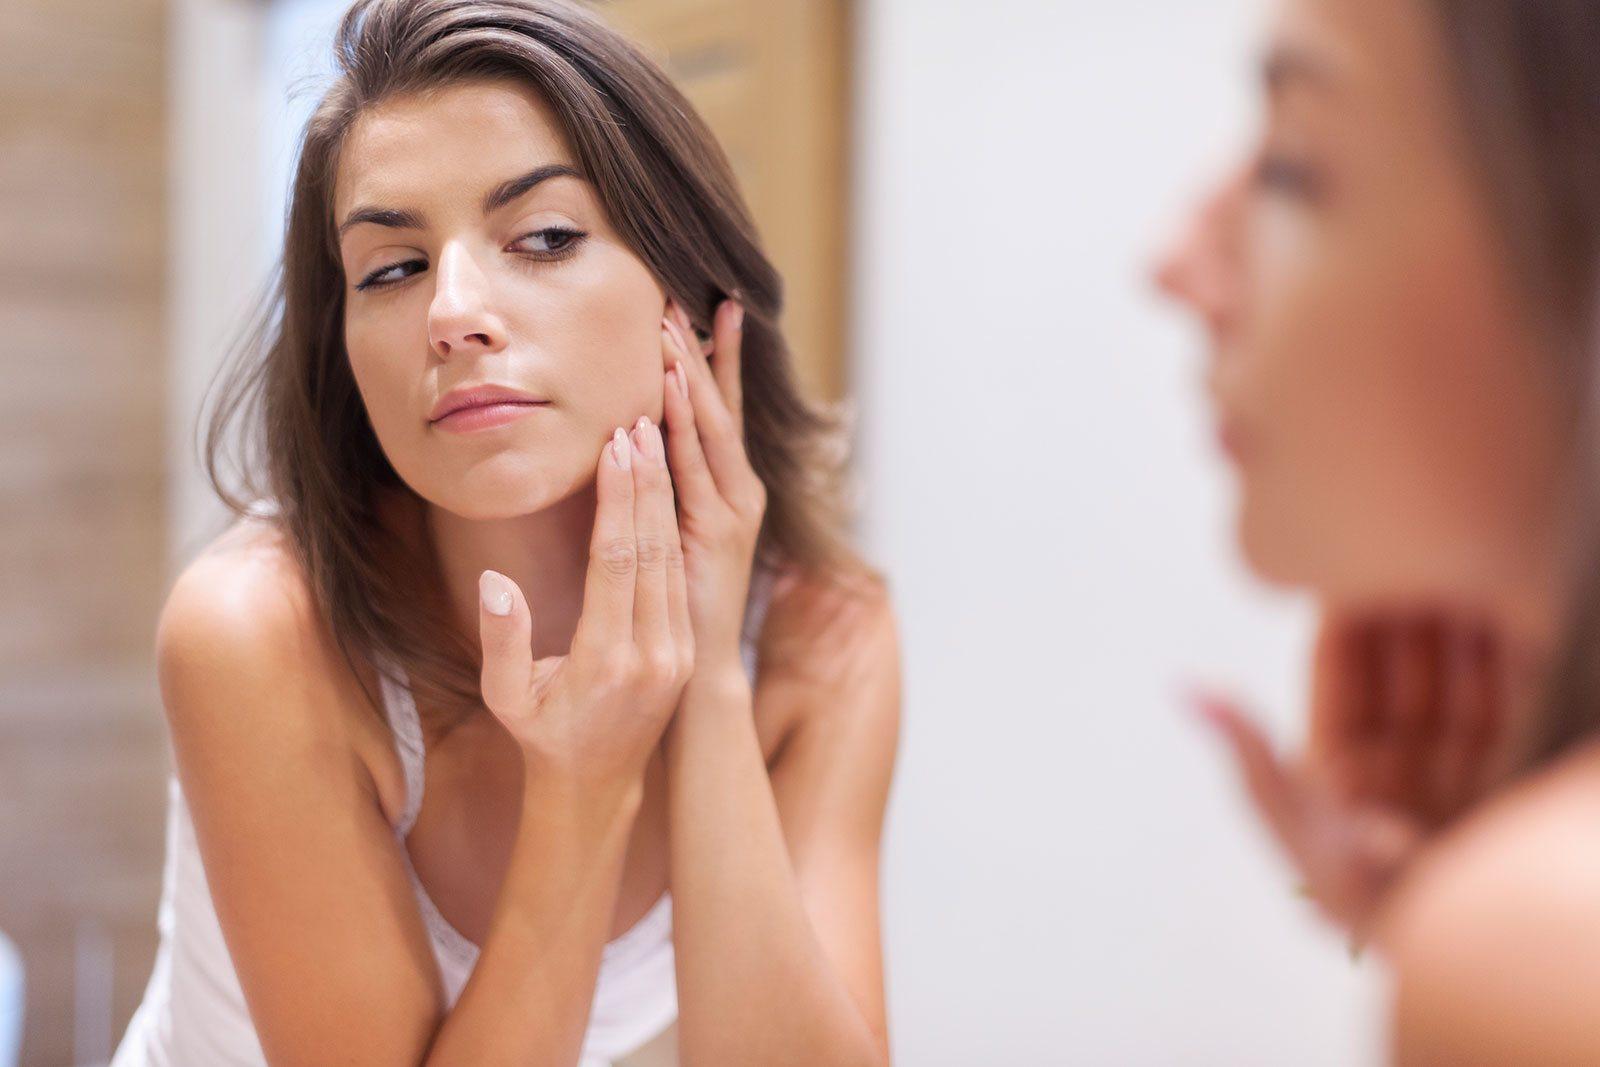 mụn ẩn được hình từ bên trong sâu bên trong da